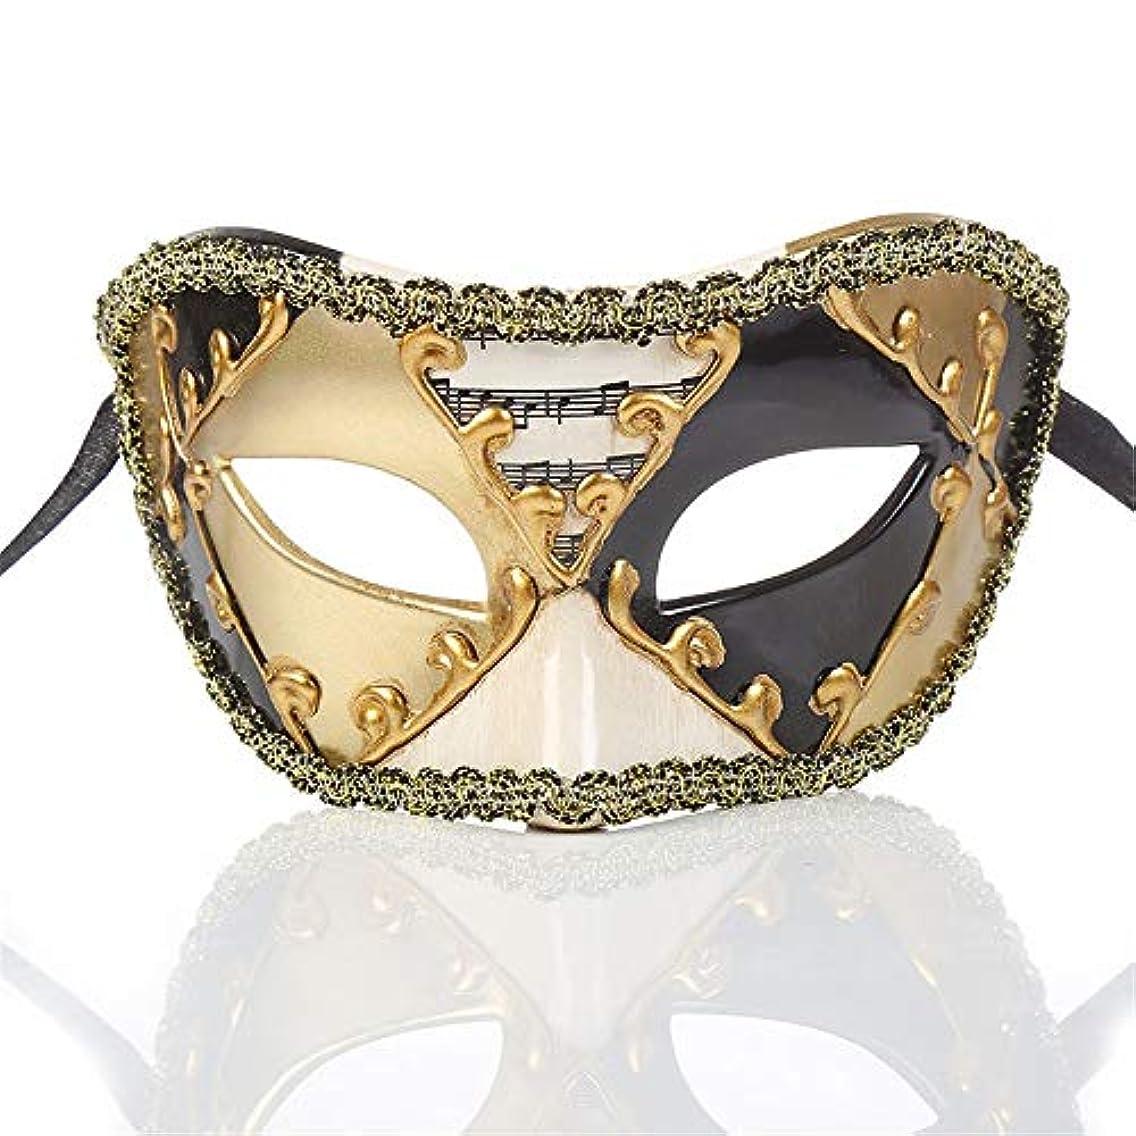 デンマーク仮称駐地ダンスマスク ヴィンテージクラシックハーフフェイスクラウンミュージカルノート装飾マスクフェスティバルロールプレイングプラスチックマスク ホリデーパーティー用品 (色 : ブラック, サイズ : 16.5x8cm)